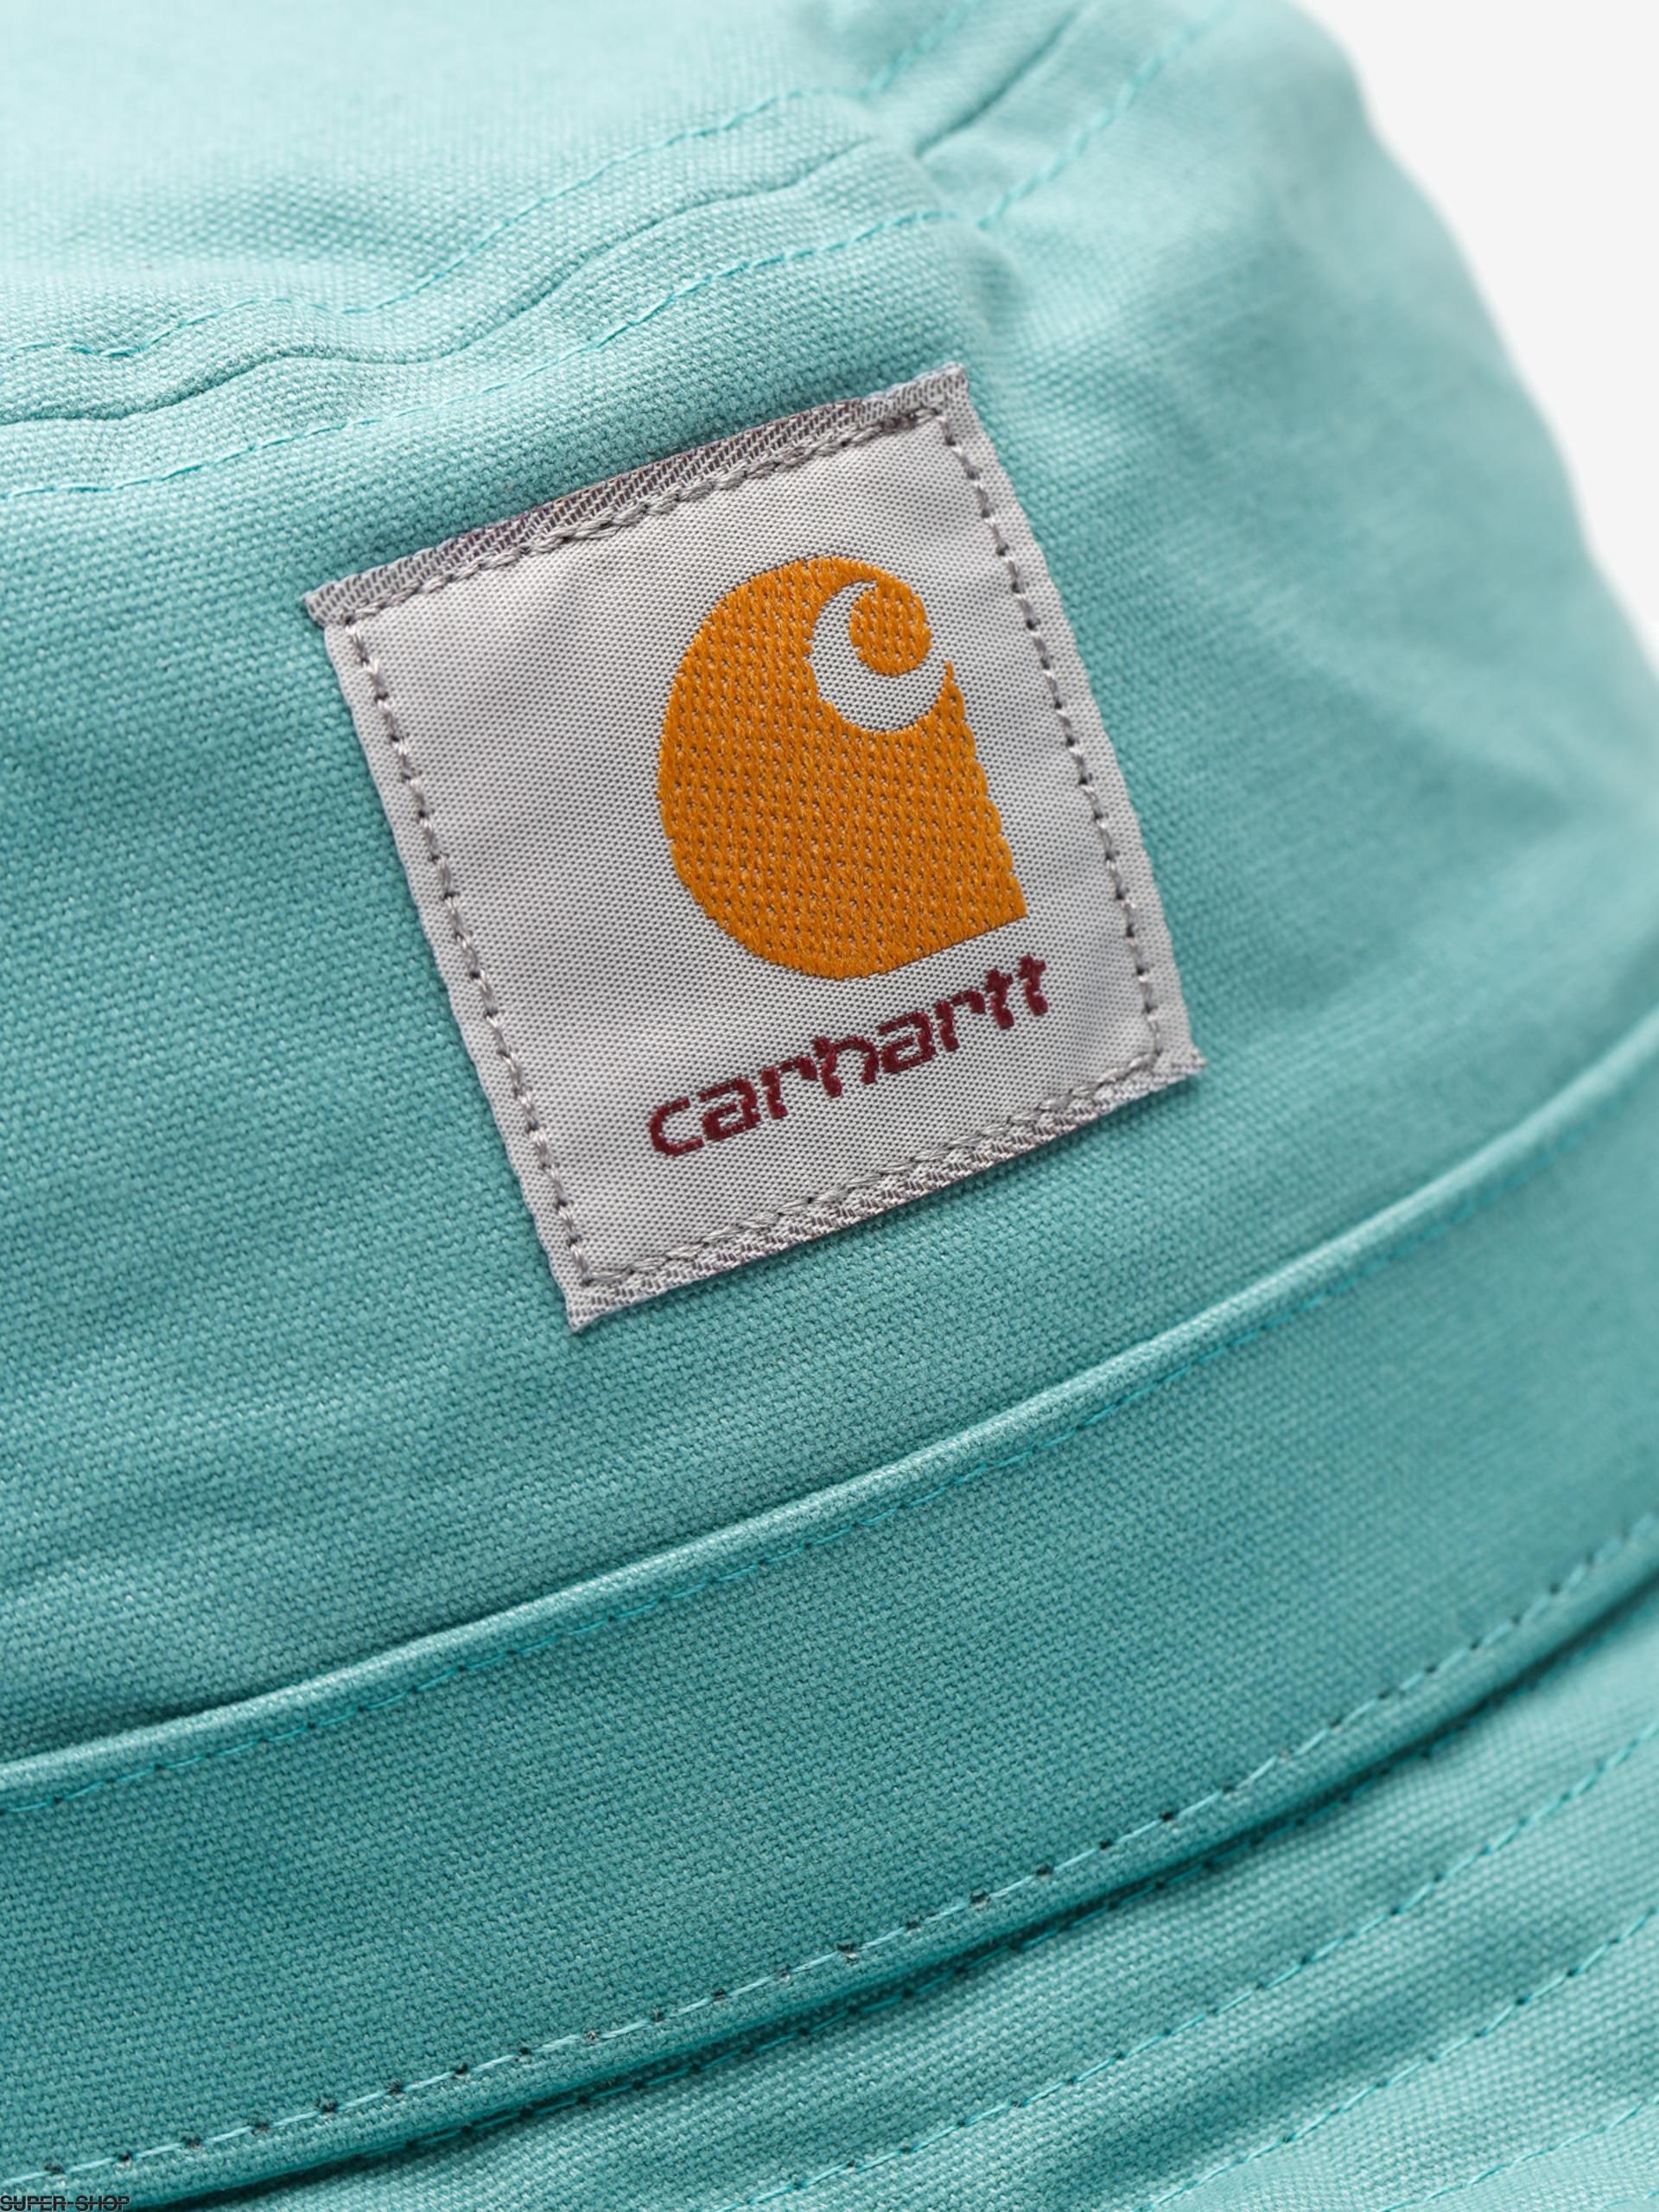 15d9cef0 Carhartt Hat Watch Bucket (soft teal)